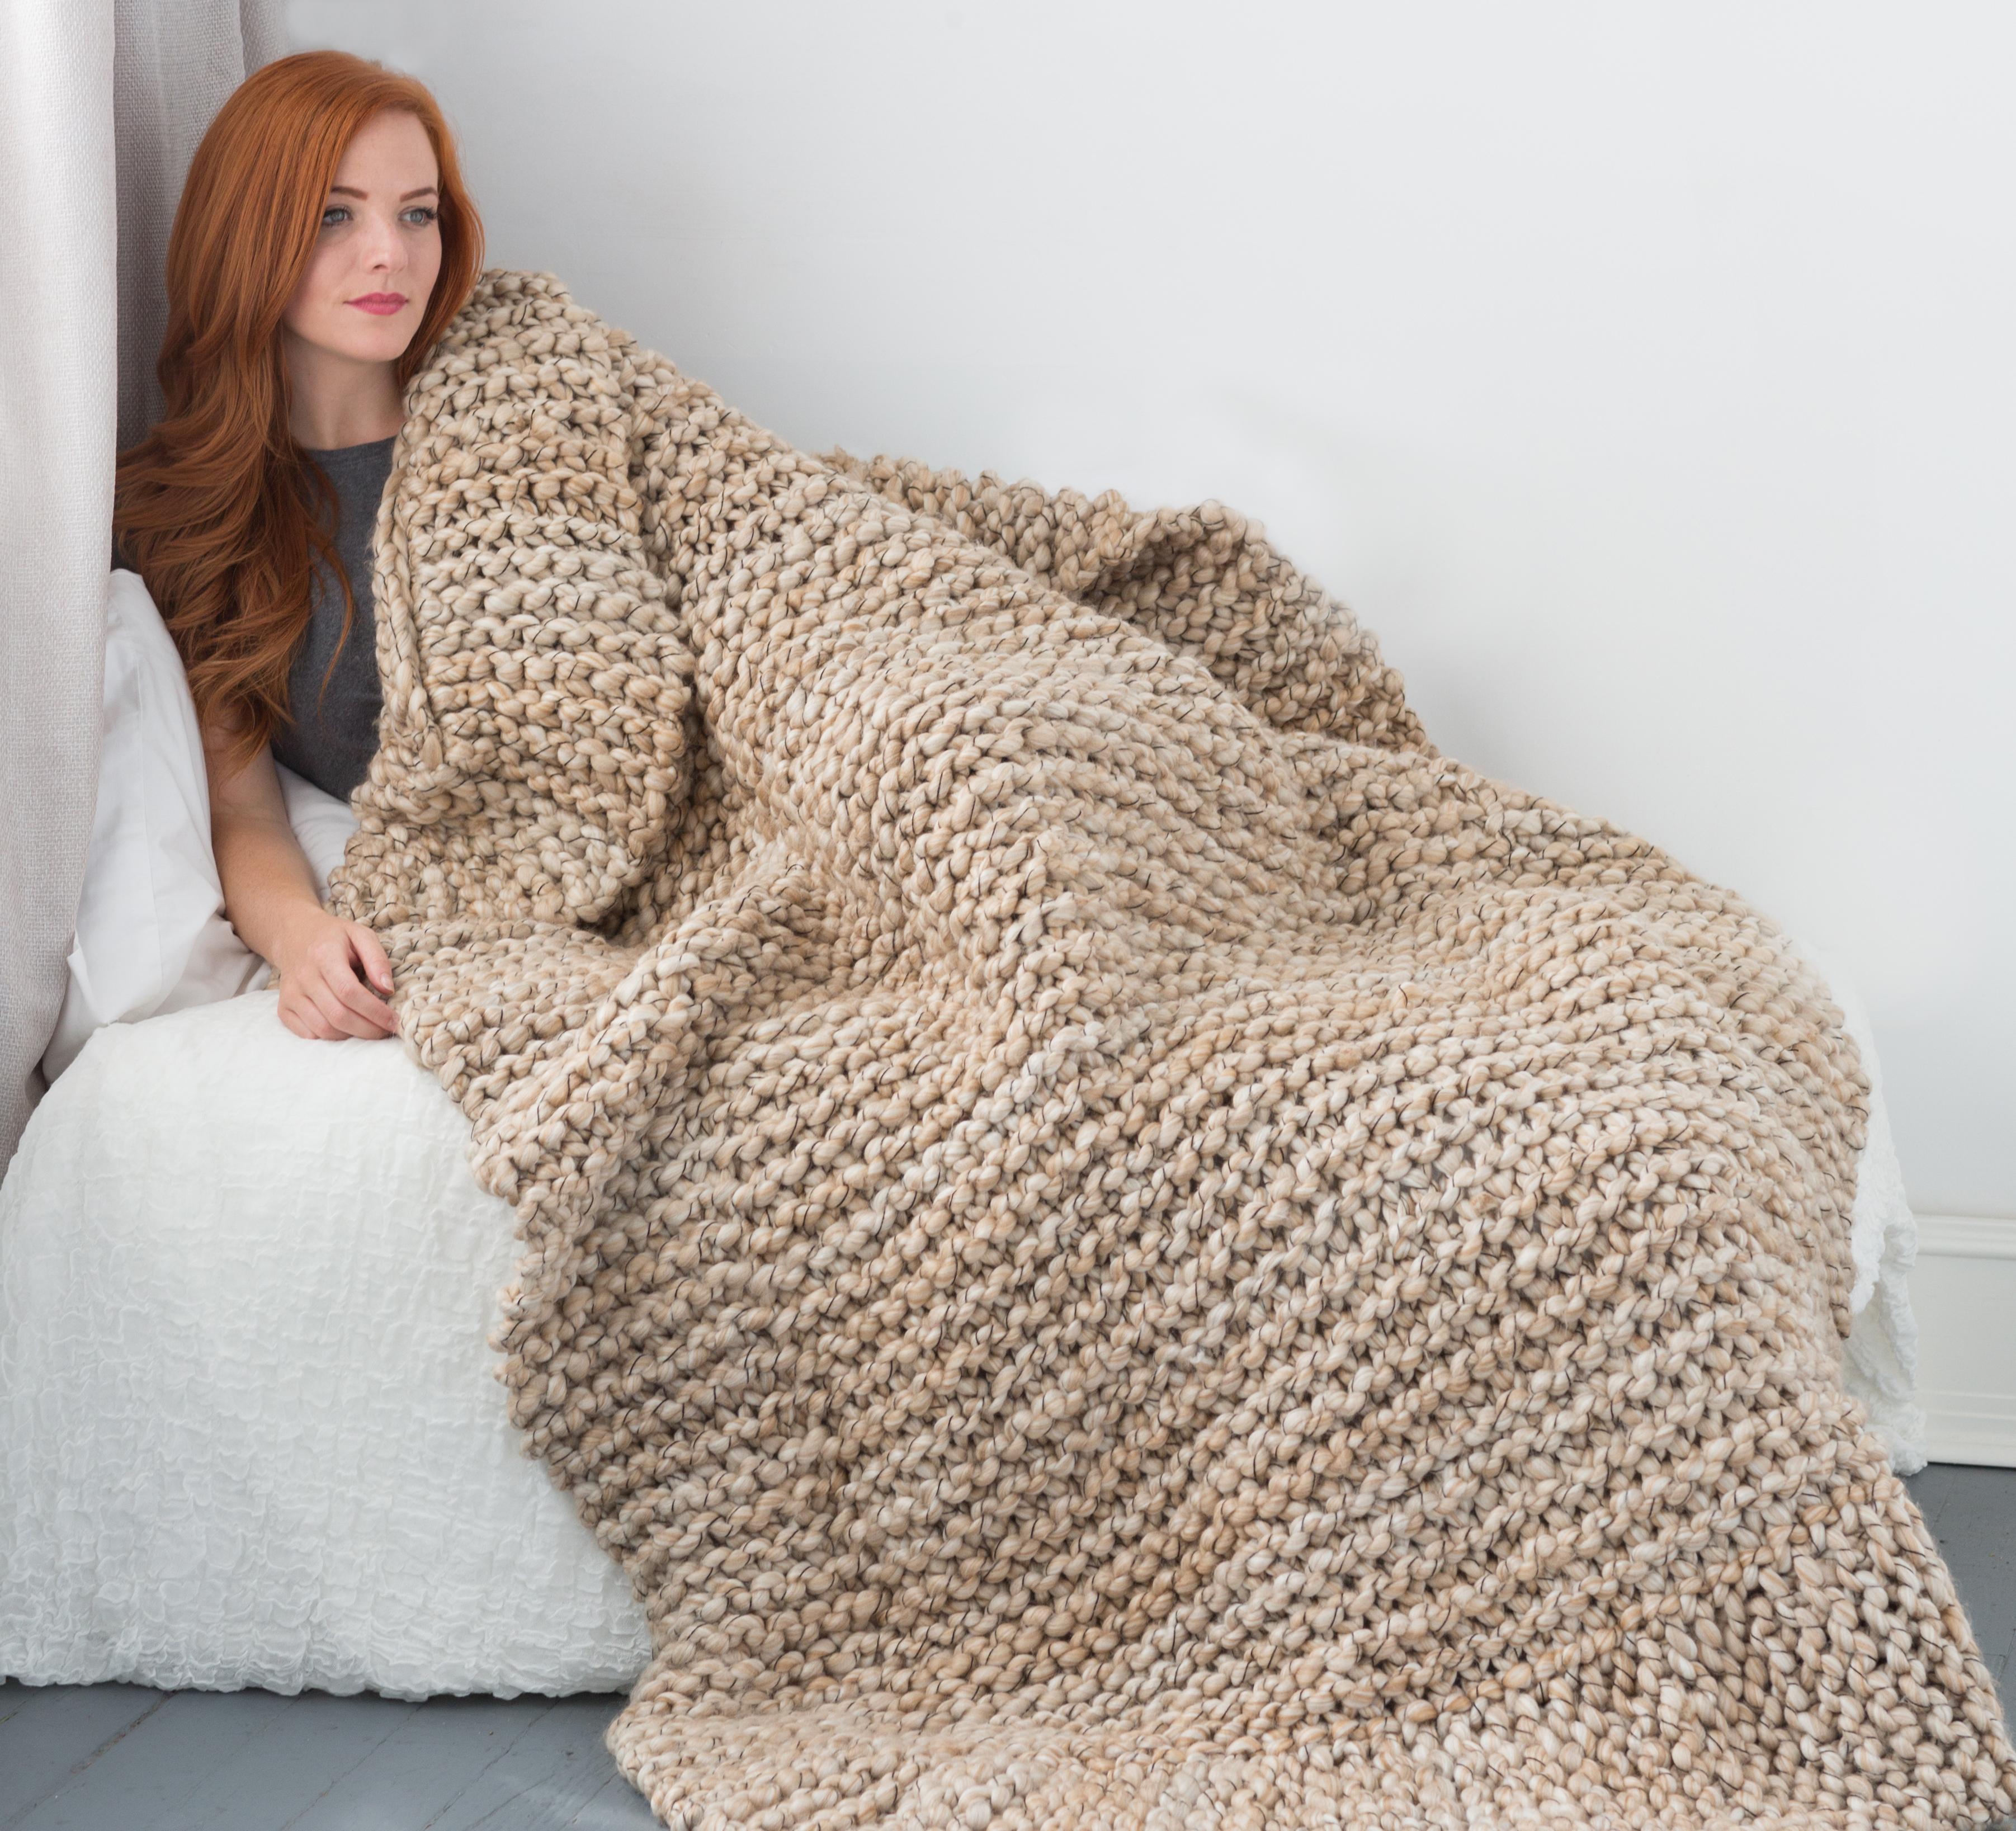 blanket-garter-main.jpg